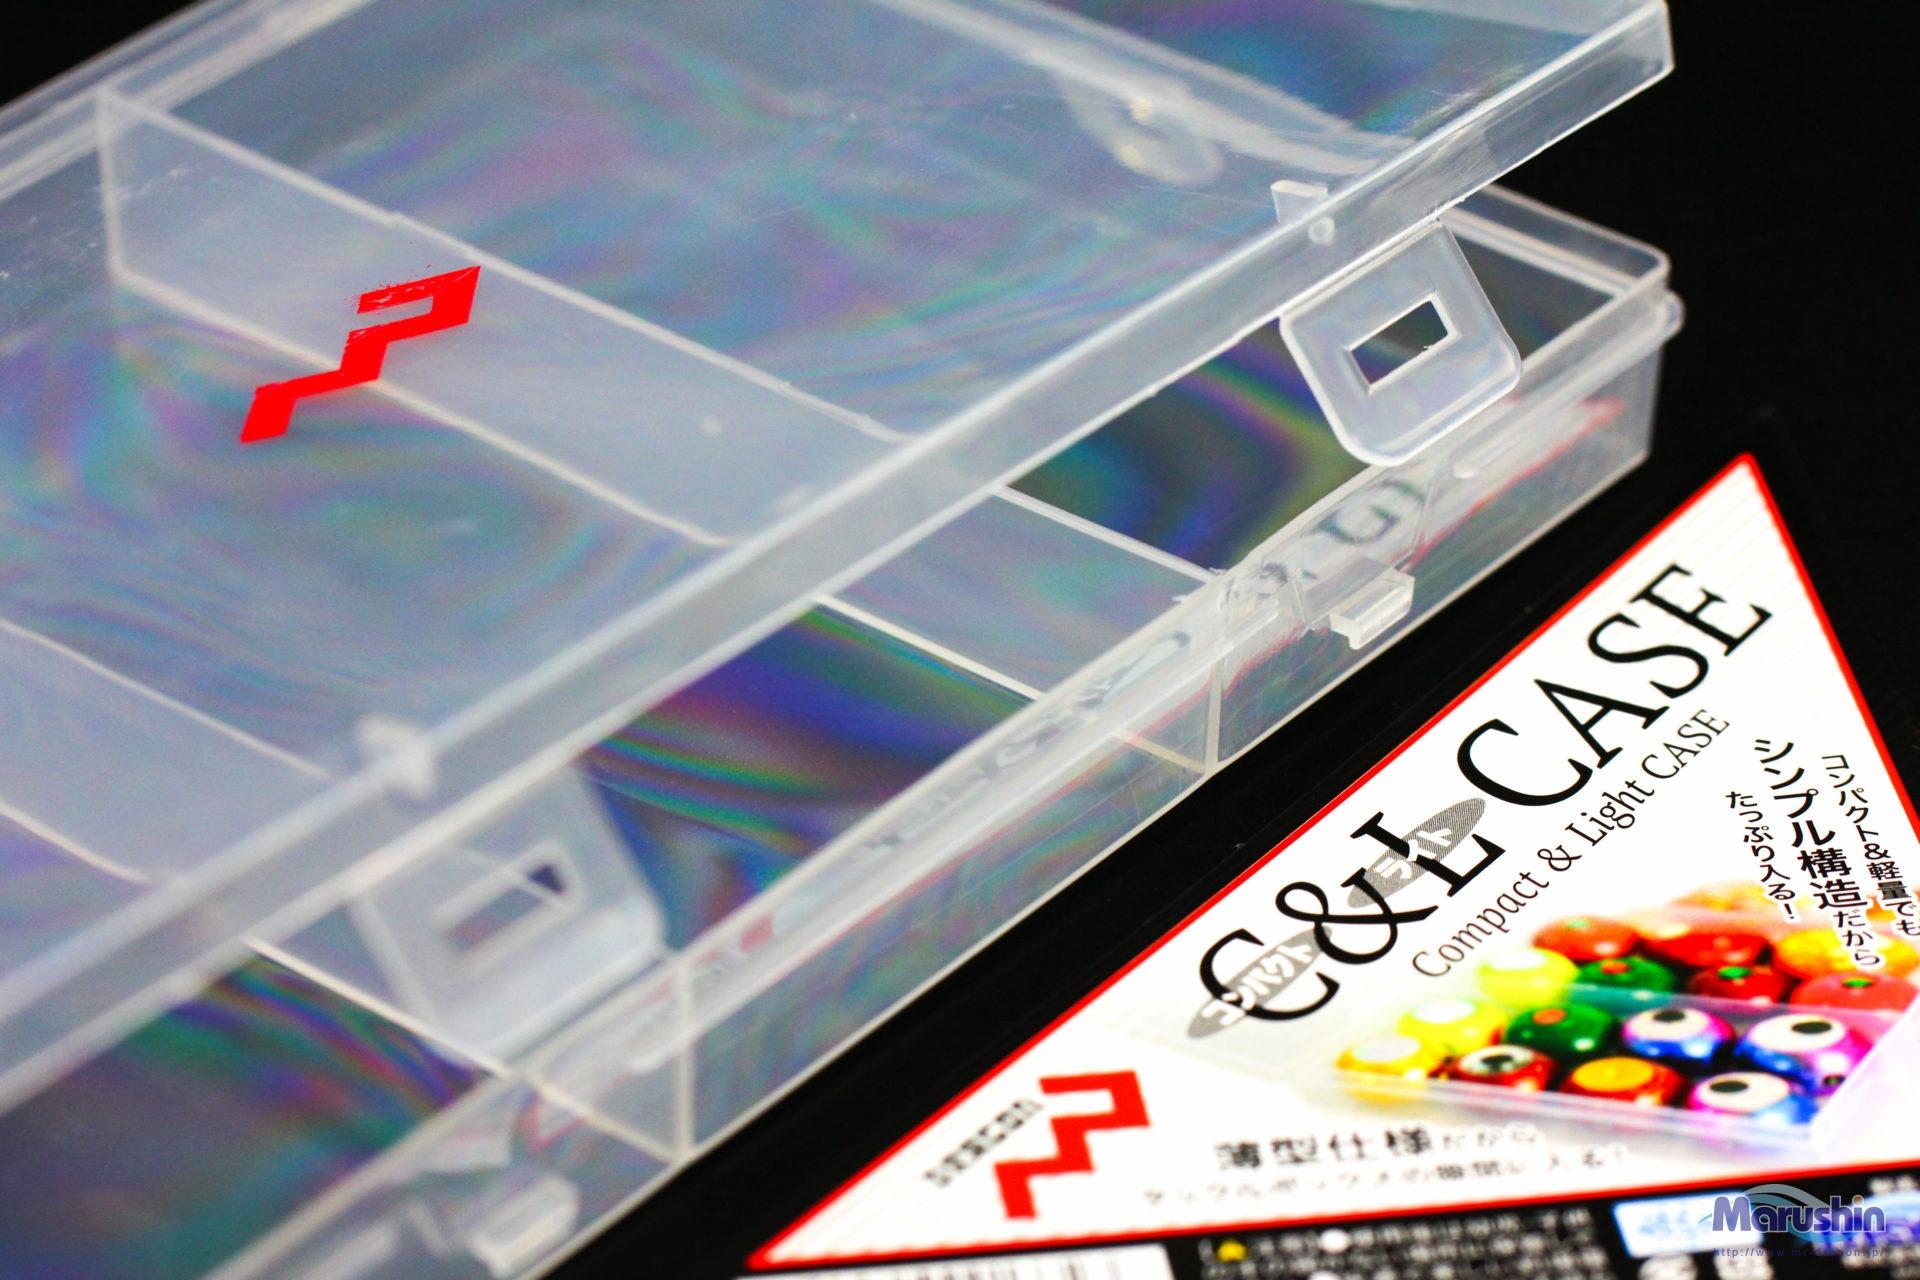 C&L CASE(コンパクト & ライト ケース)イメージ画像